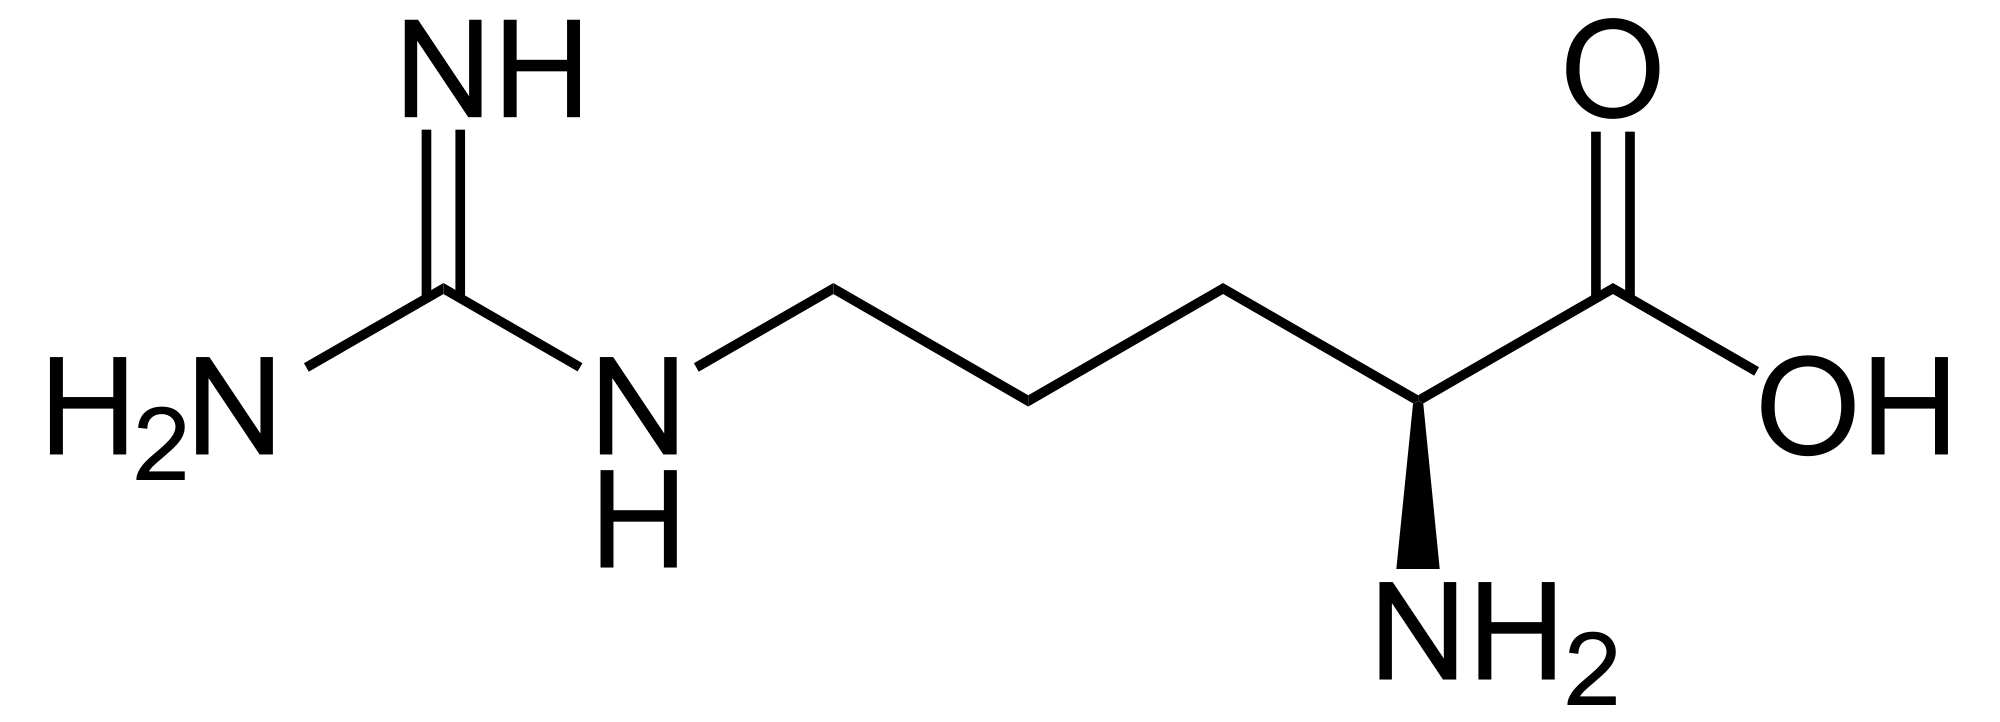 l-arginin-natuerliches-potenzmittel